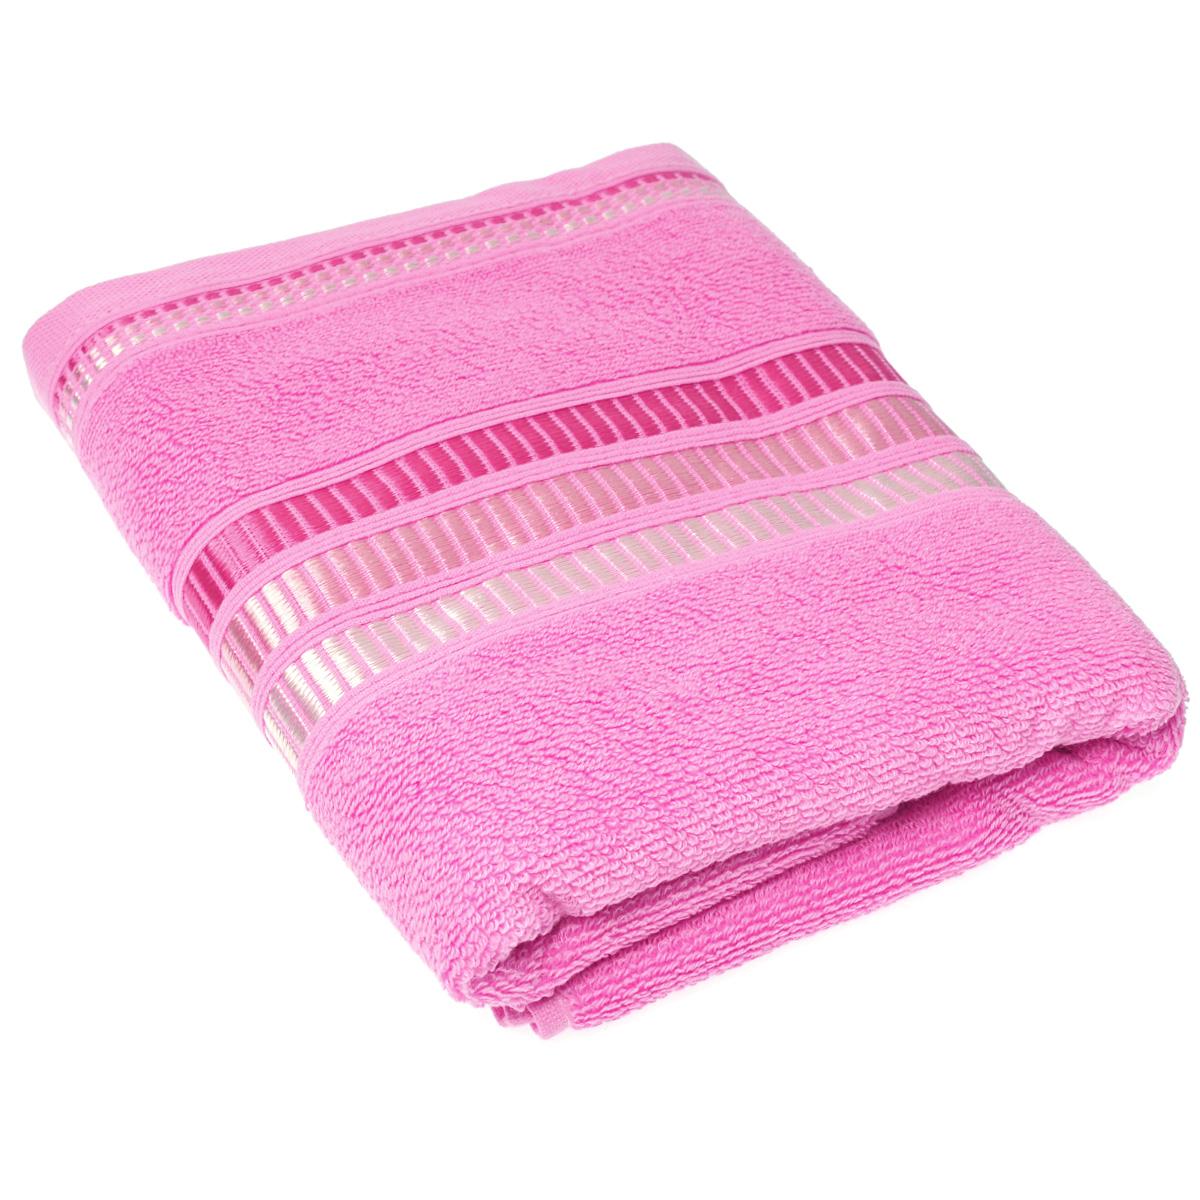 Полотенце махровое Coronet Пиано, цвет: розовый, 50 см х 90 смБ-МП-2020-01-06Махровое полотенце Coronet Пиано, изготовленное из натурального хлопка, подарит массу положительных эмоций и приятных ощущений. Полотенце отличается нежностью и мягкостью материала, утонченным дизайном и превосходным качеством. Оно прекрасно впитывает влагу, быстро сохнет и не теряет своих свойств после многократных стирок. Махровое полотенце Coronet Пиано станет достойным выбором для вас и приятным подарком для ваших близких. Мягкость и высокое качество материала, из которого изготовлены полотенца не оставит вас равнодушными.